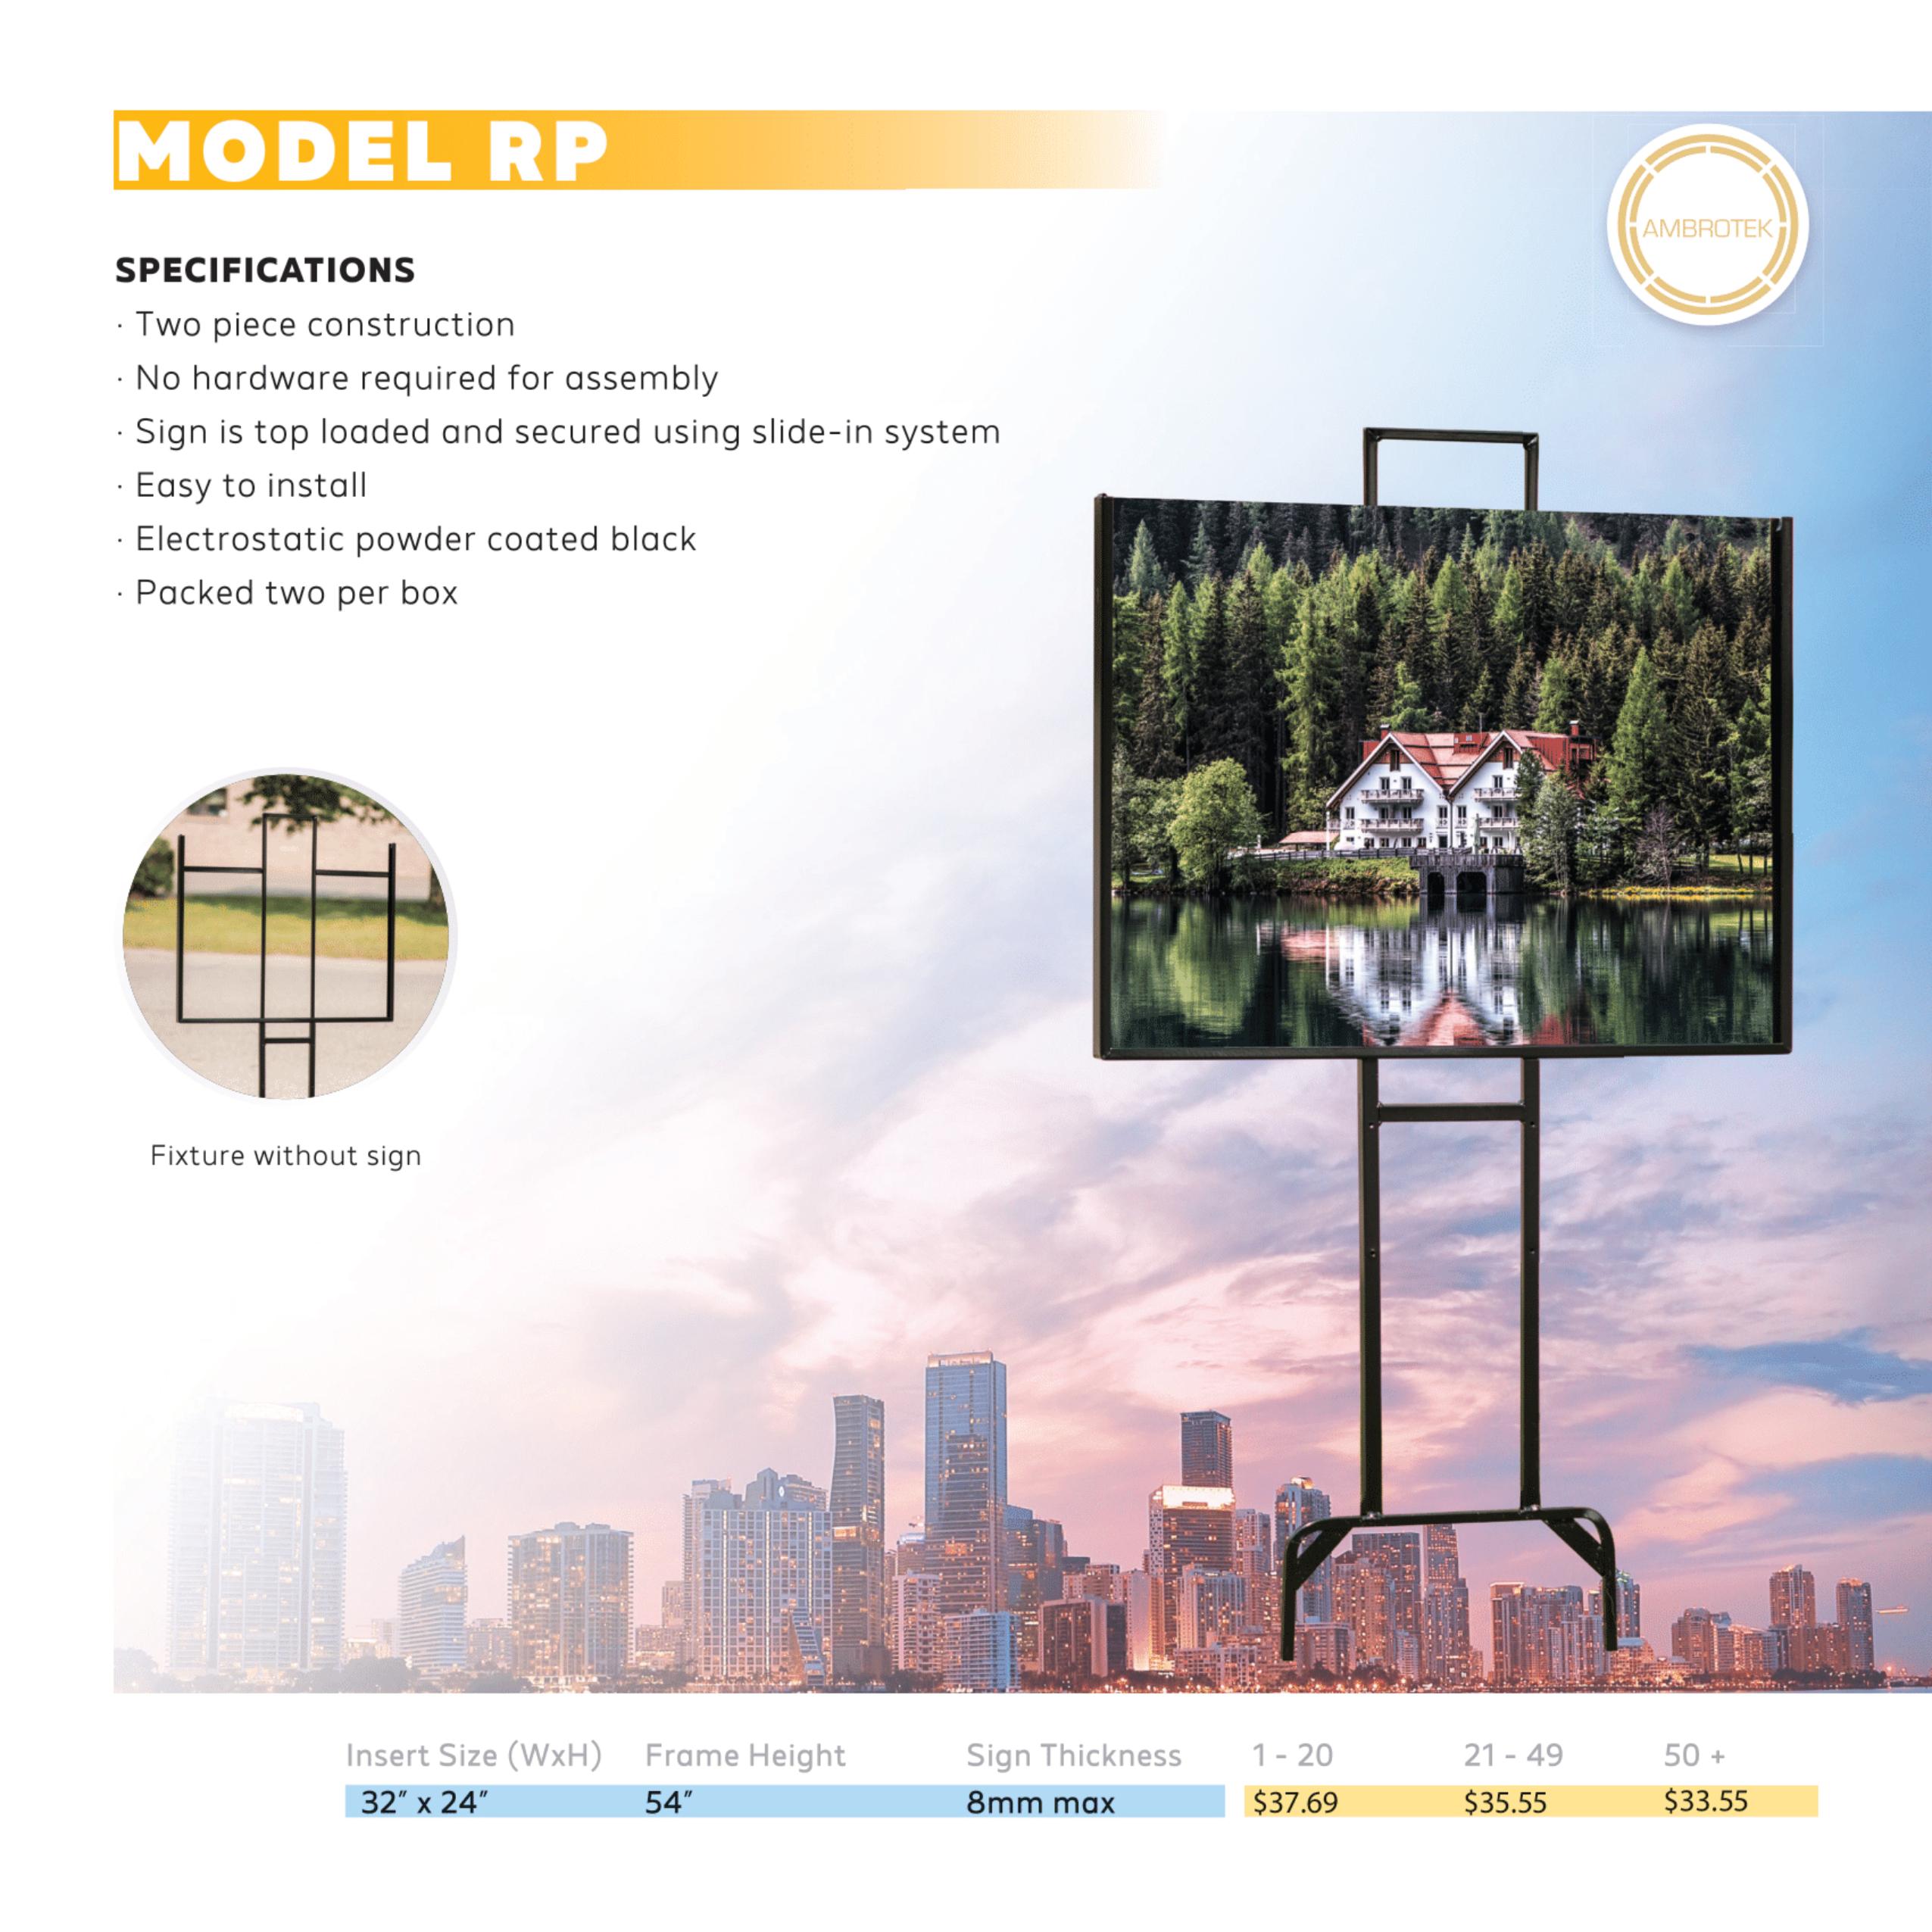 Model RP